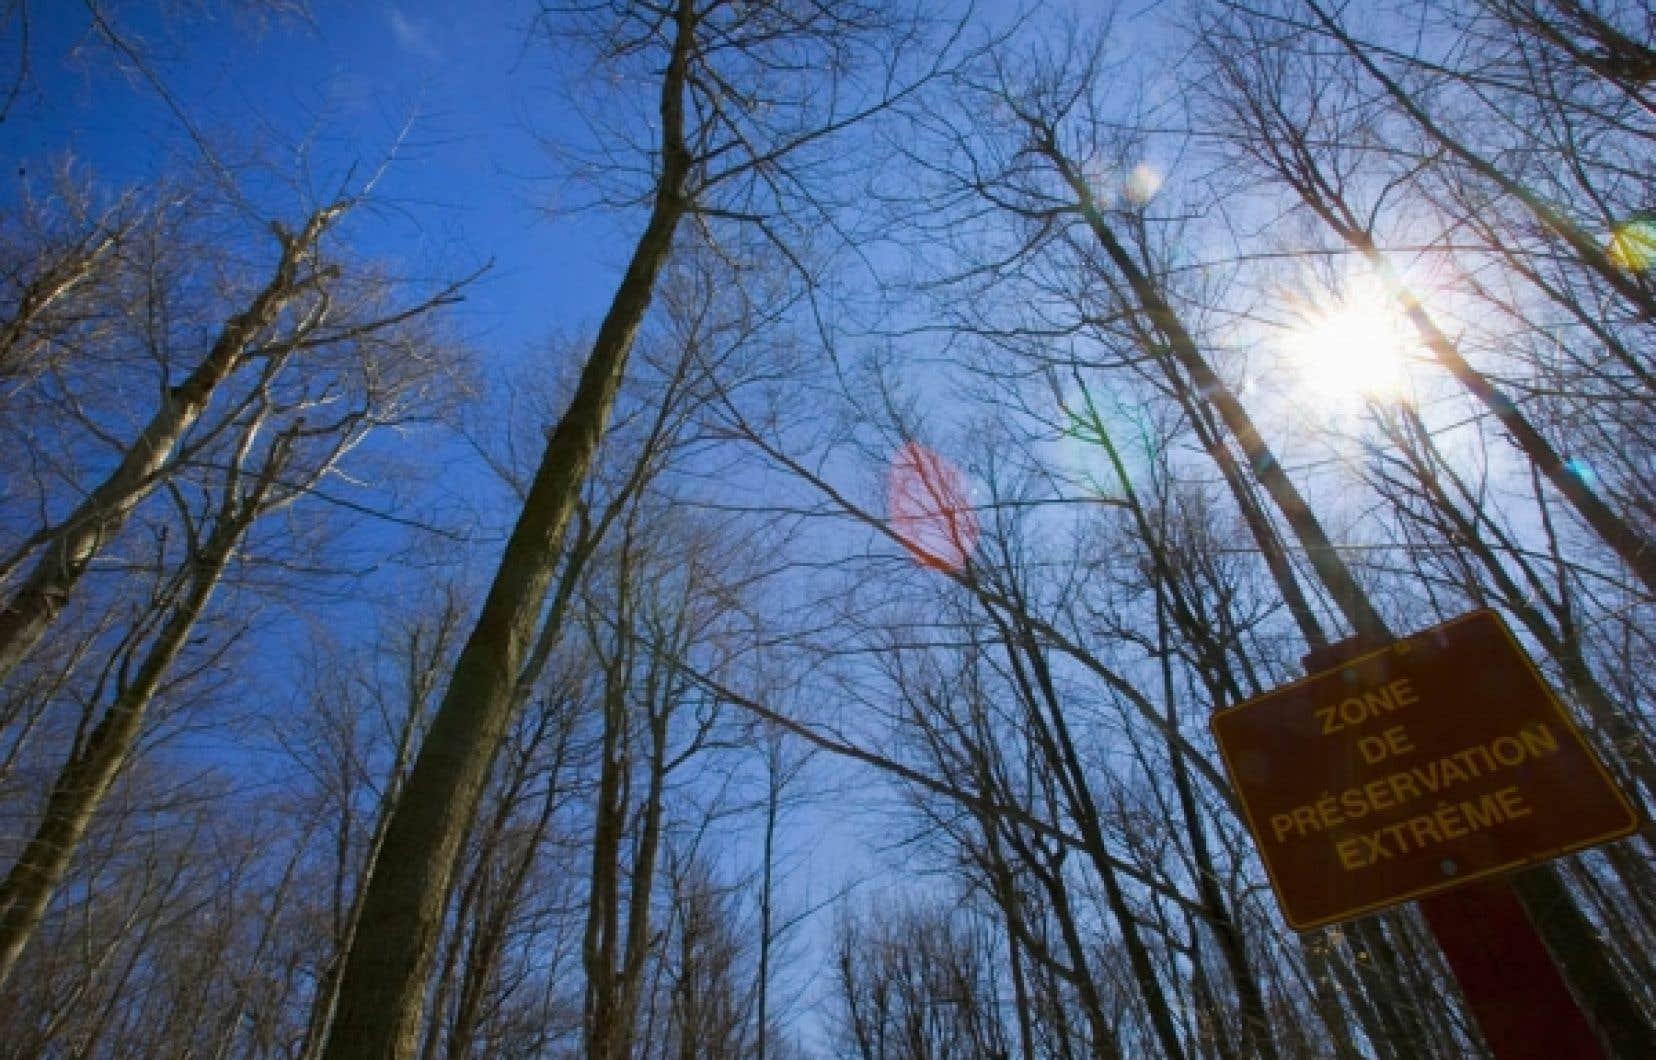 Le texte juridique que l'OIFQ soumet à ses membres en vue de le présenter à l'Office des professions du Québec précise que les technologues spécialisés dans les écosystèmes et la forêt travailleraient sous la responsabilité des ingénieurs par voie de délégation.